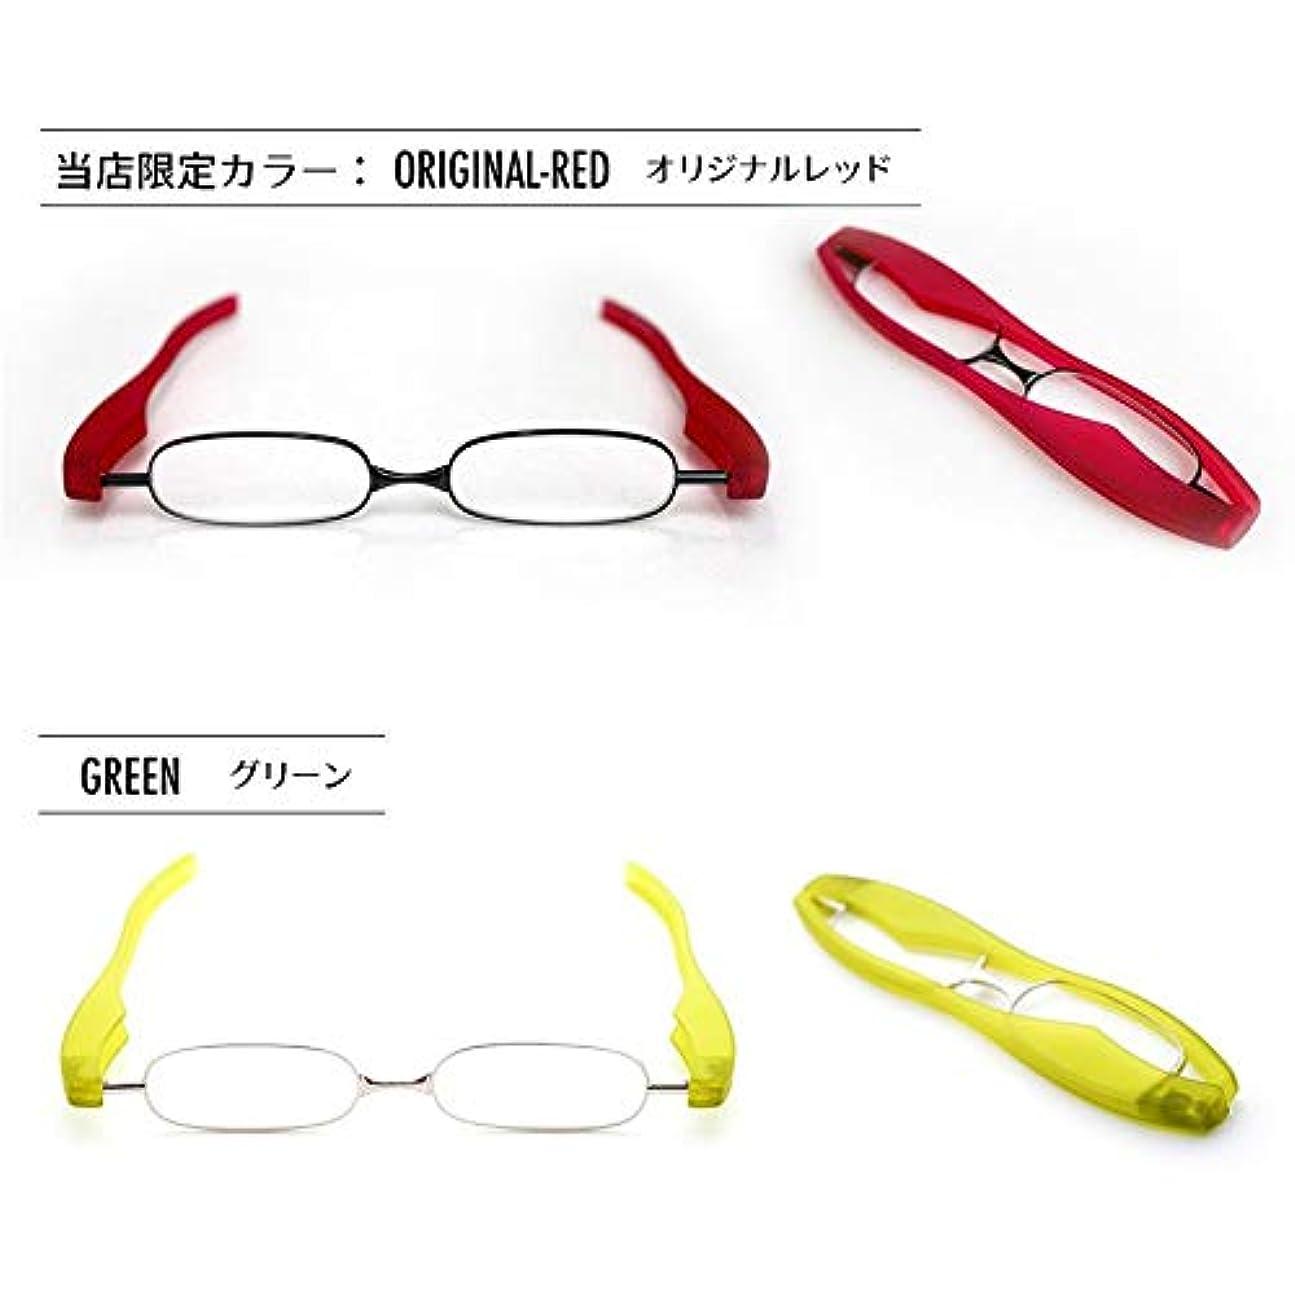 老眼鏡 ポットリーダースマート 2本セット【オリジナルレッド(3.0)】+【グリーン(1.0)】